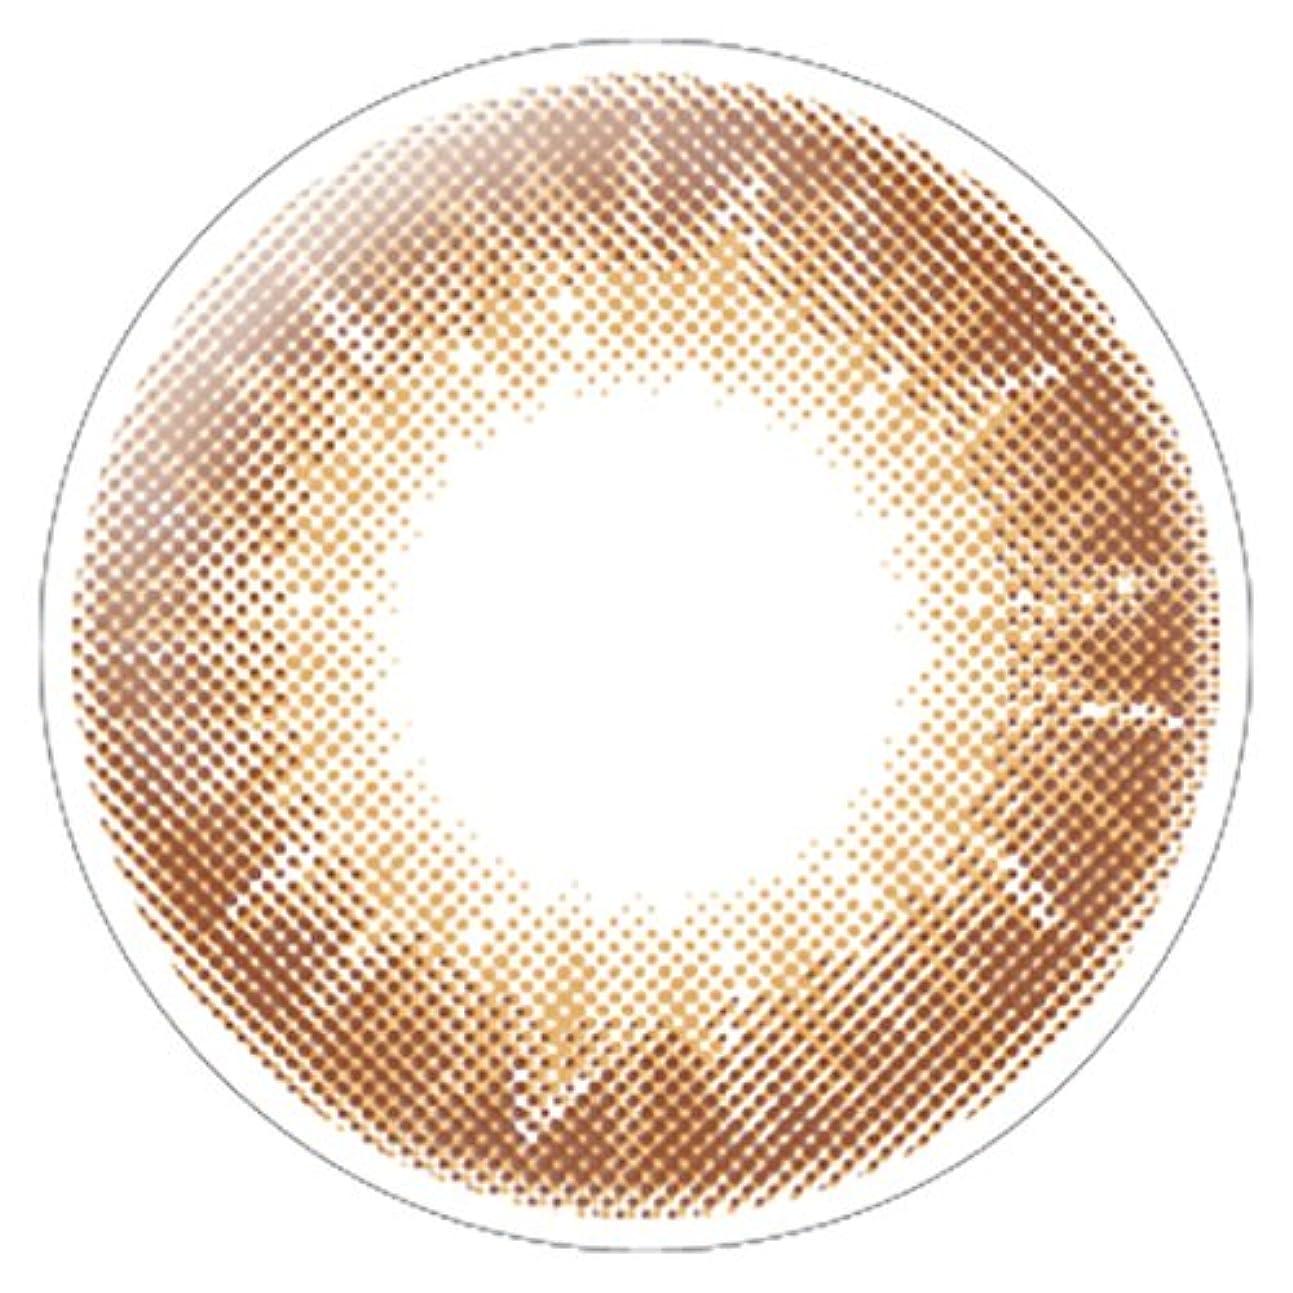 検索むき出しオートエバーカラーワンデーナチュラル モイストレーベルUV 20枚×4箱【イノセントグラム PWR-4.50】沢尻エリカ 度あり カラコン EverColor 1day Natural MoistLabel UV